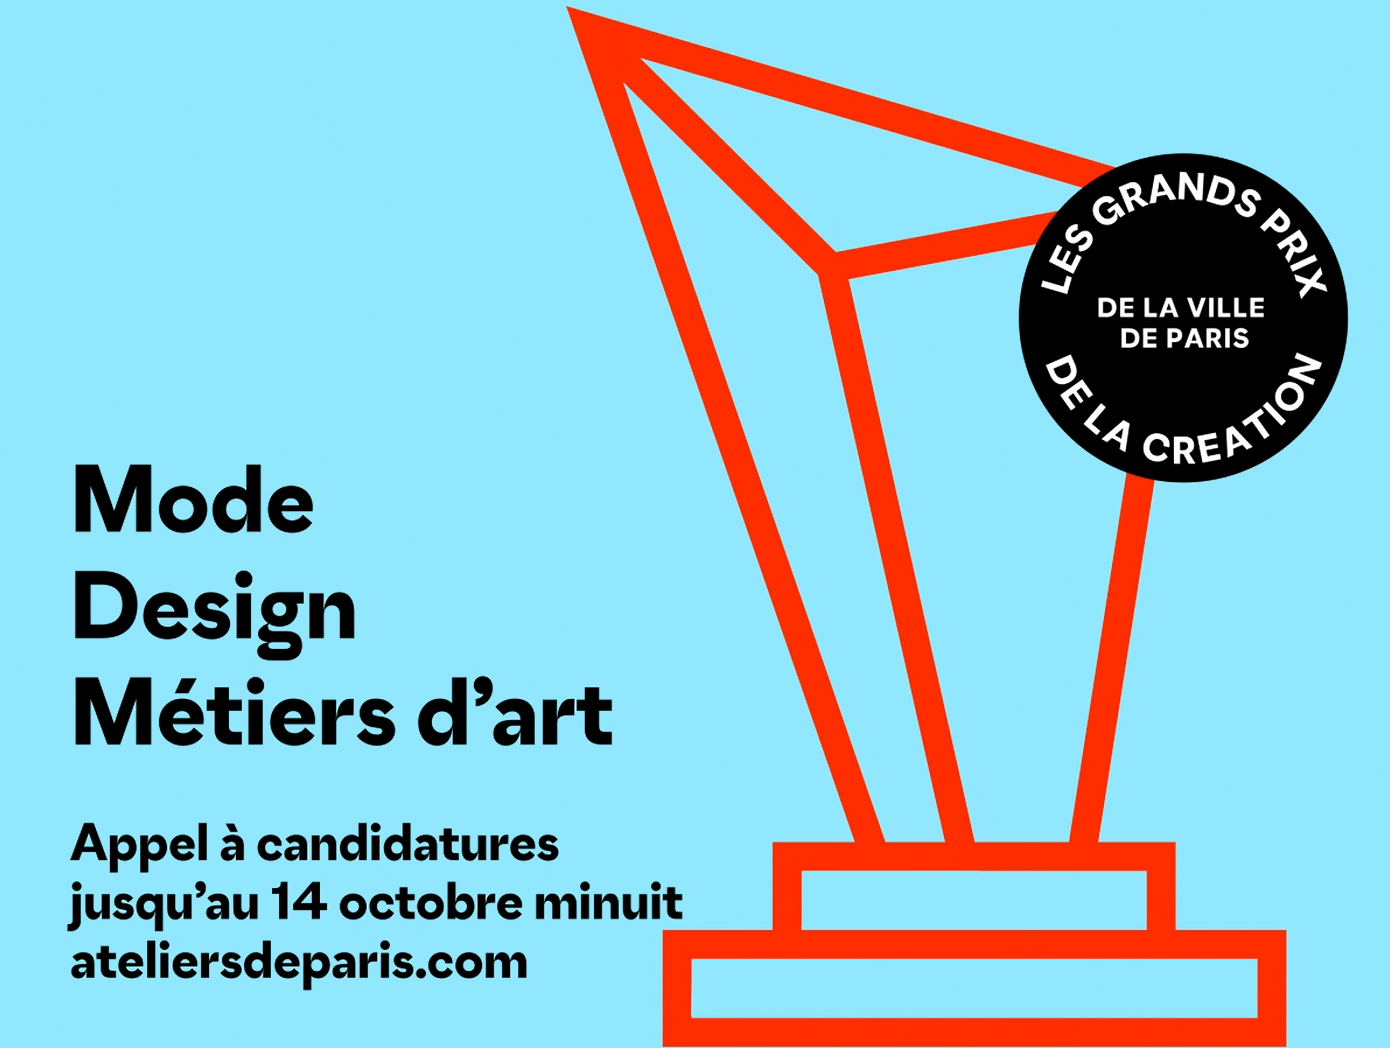 Les membres du jury des Grands Prix de la Création de la Ville de Paris 2020